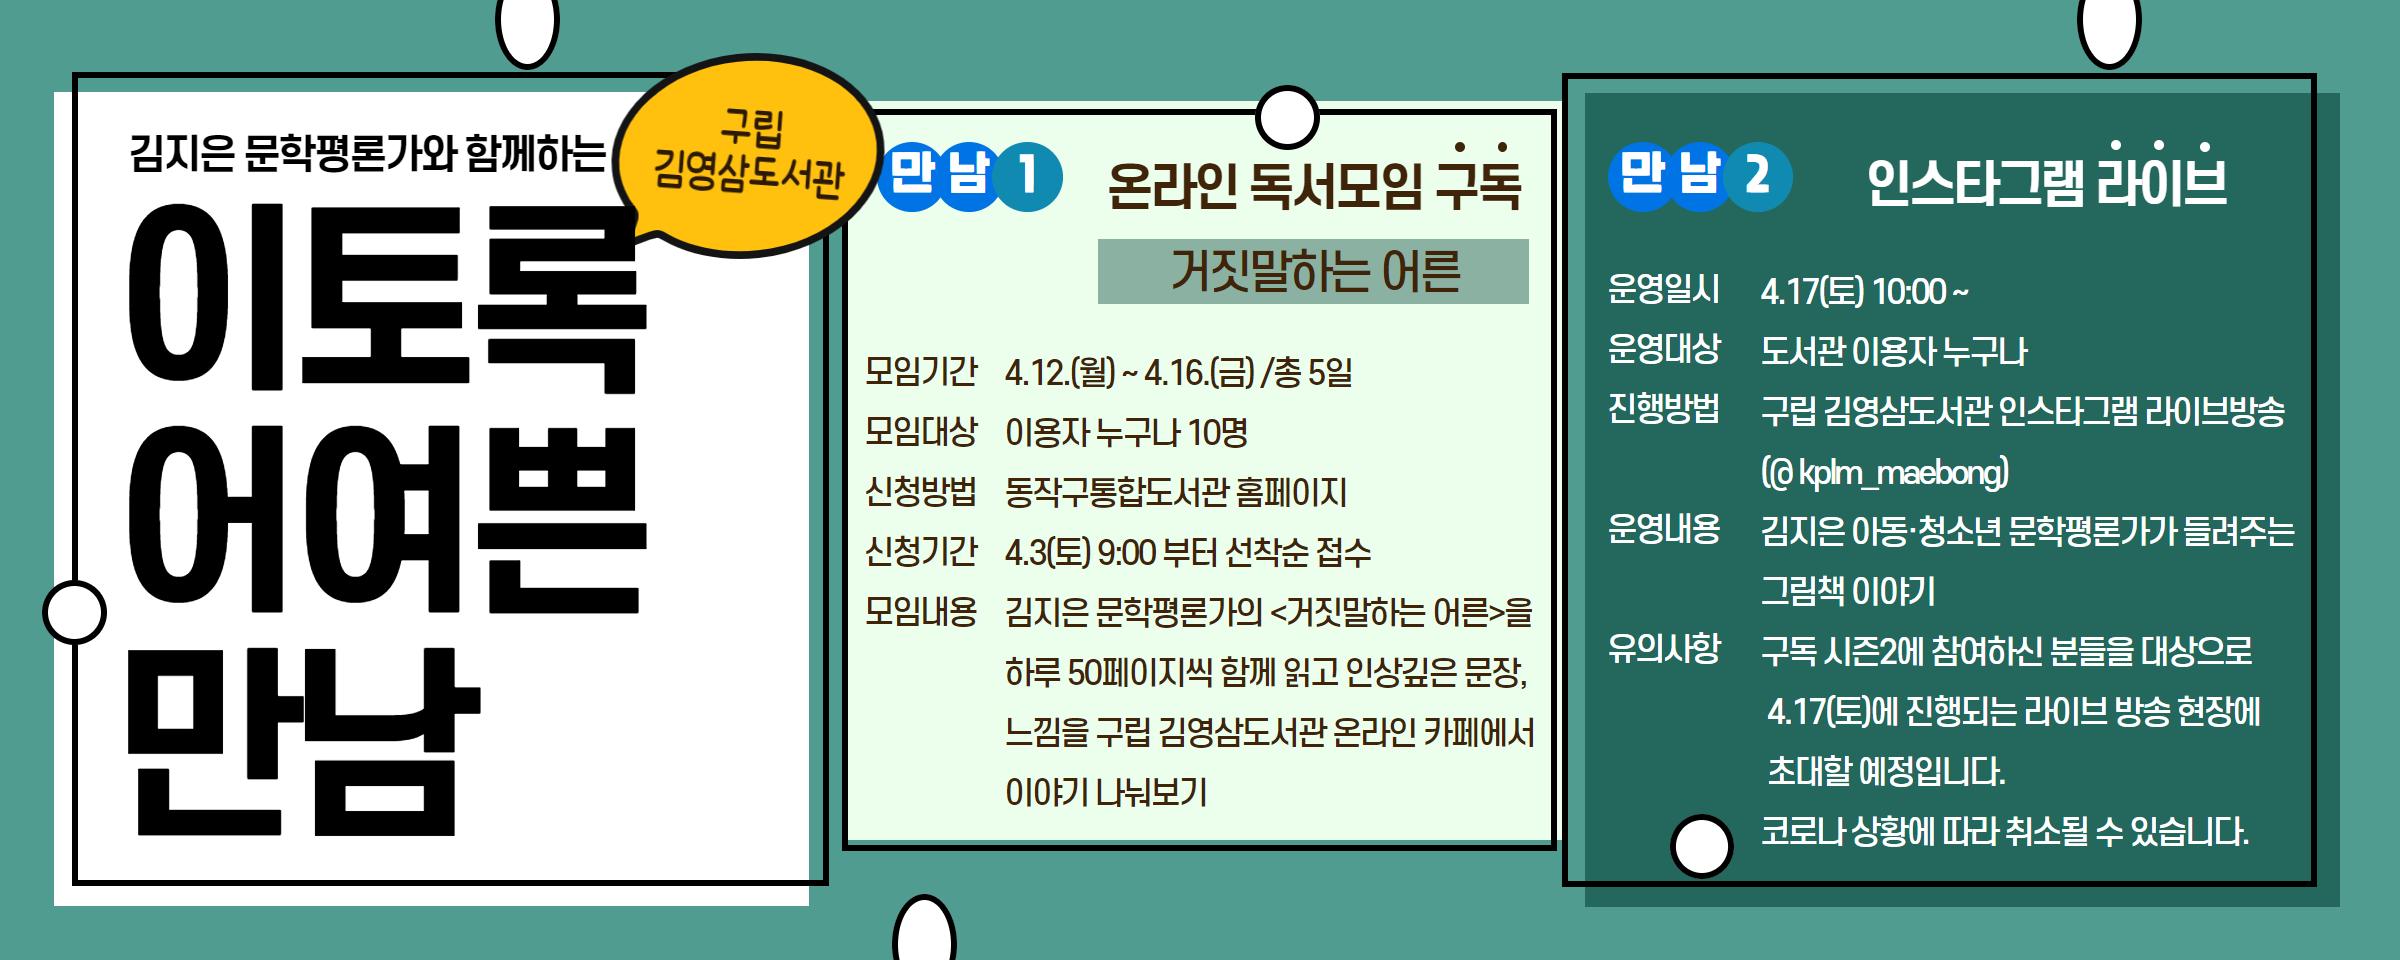 구립김영삼도서관_김지은작가